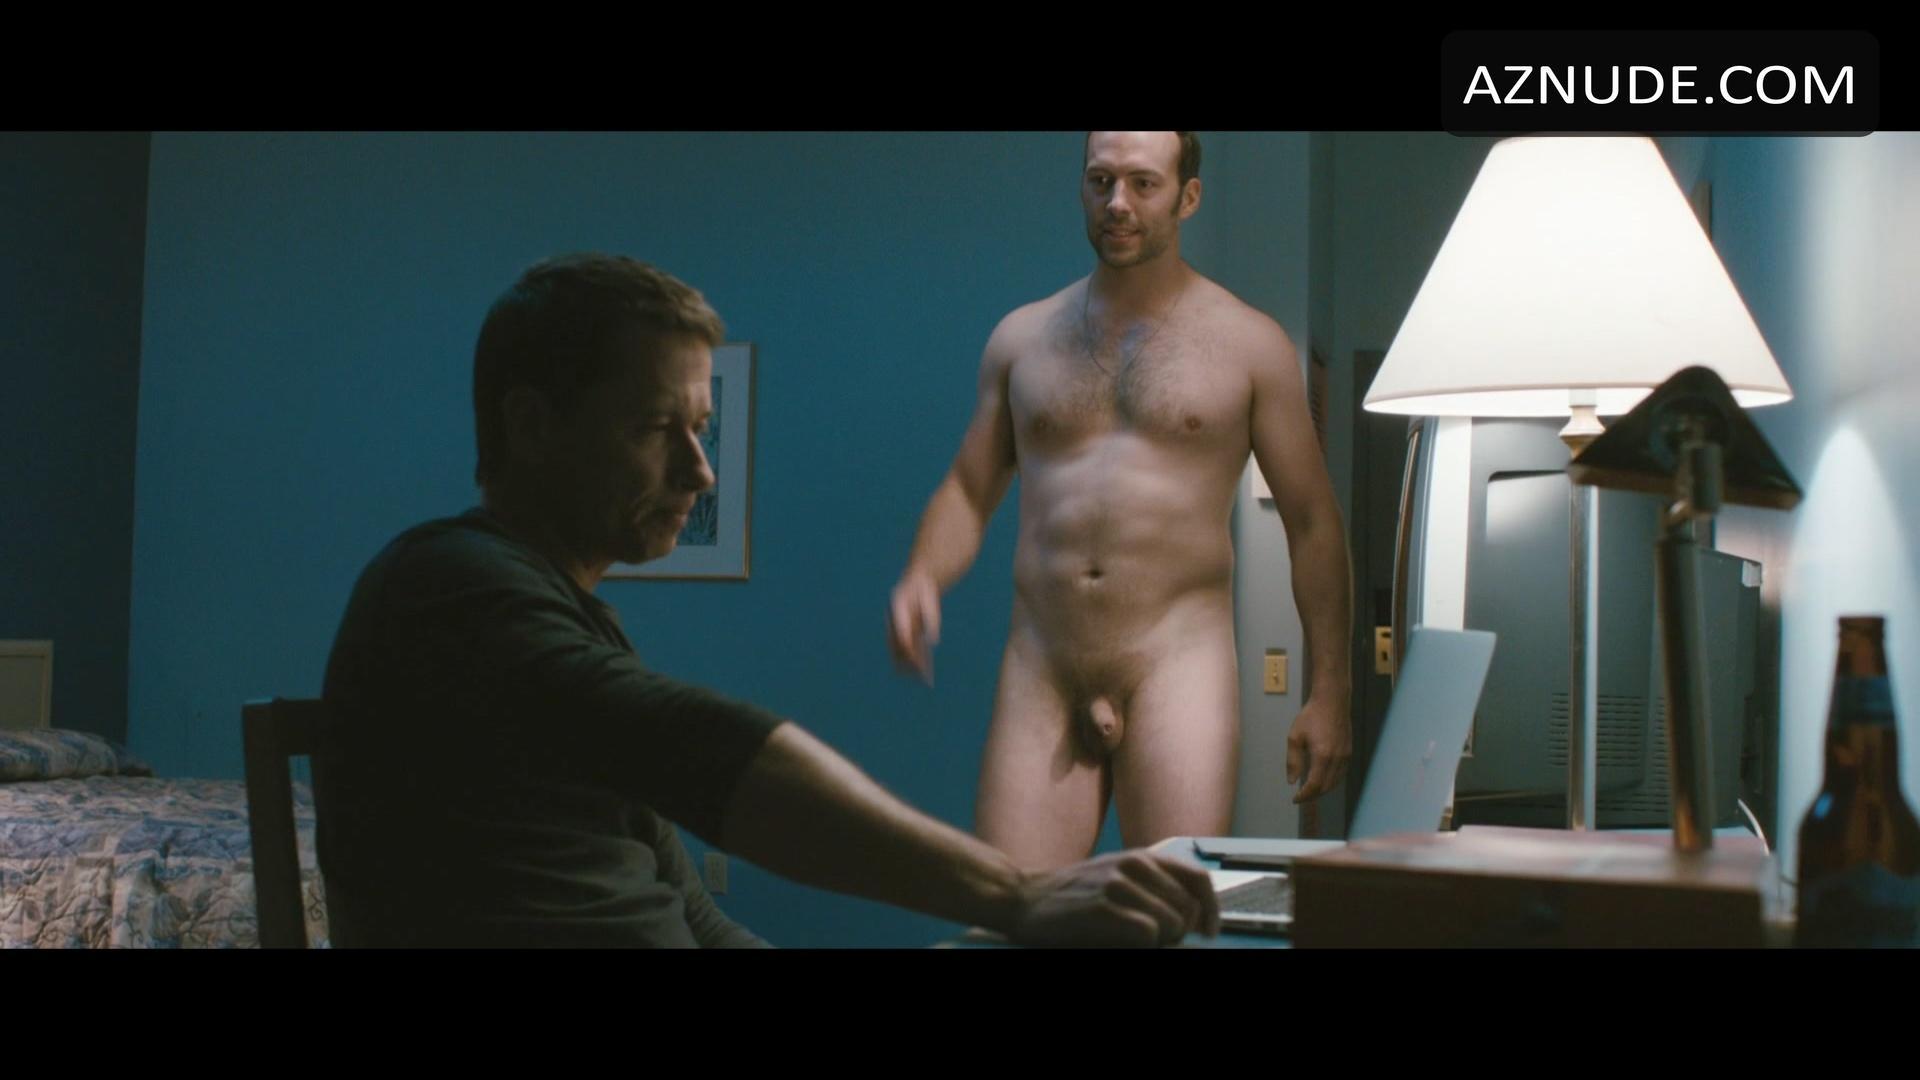 Man Dick Transvestite bondage